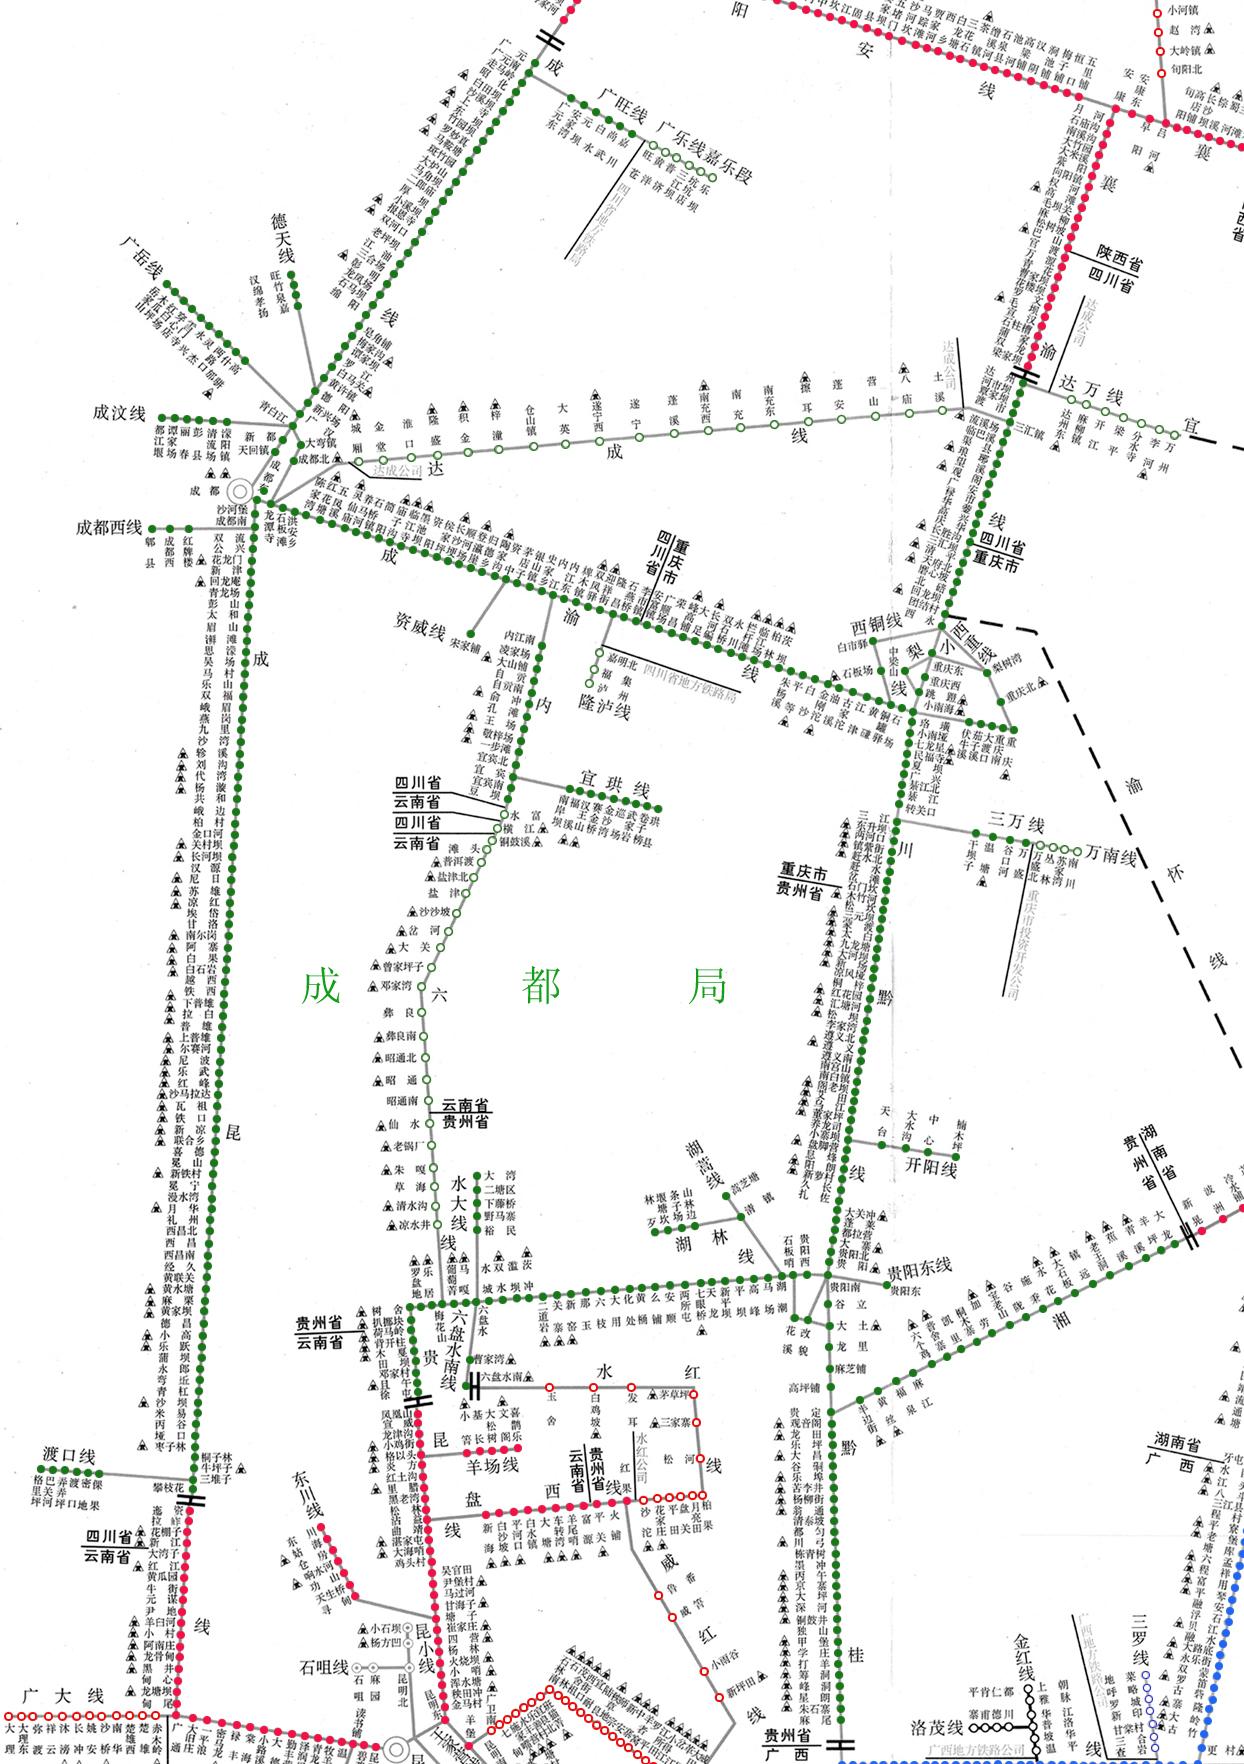 成都铁路局规划图_成都铁路局货运营业站示意图 - 全国铁路货运营业站示意图 - 煤炭网